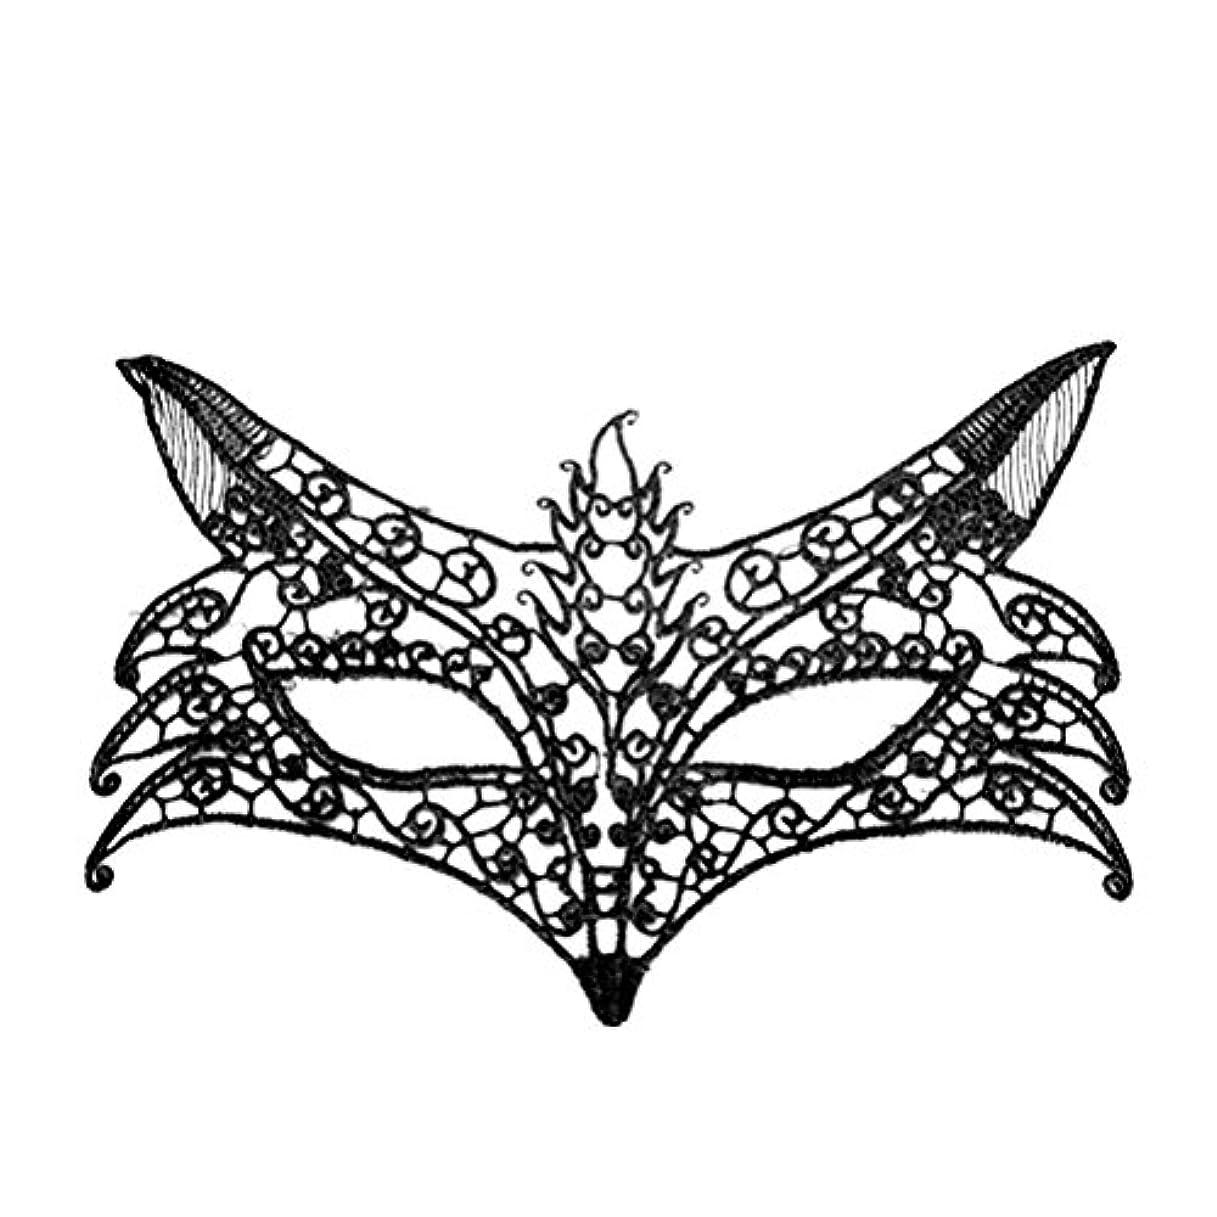 コメンテーター愛撫カレンダーAMOSFUN キツネの形をしたレースパーティーマスクイブニングパーティーウエディングマスカレードマスク(ブラック)